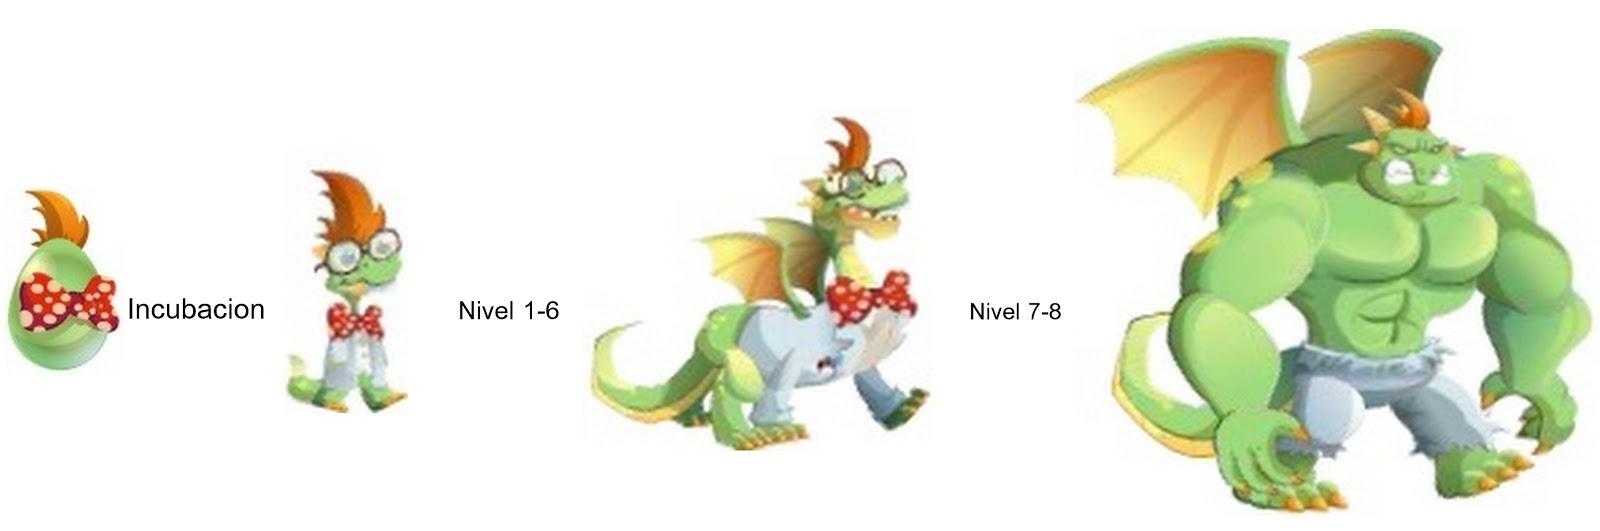 Niveles De Crecimiento Del Dragón Angry